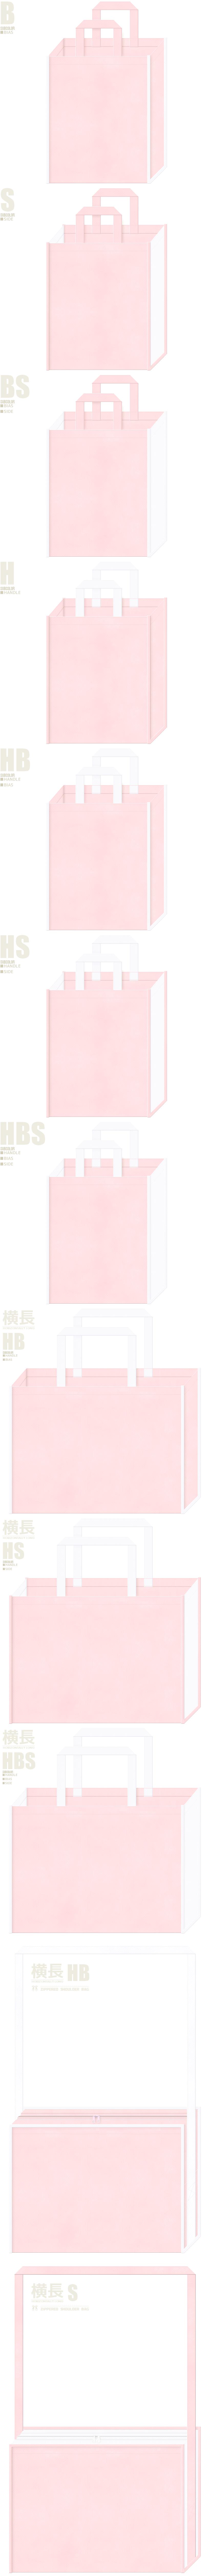 桜色と白色、7パターンの不織布トートバッグ配色デザイン例。医療実習・医療セミナーの資料配布用バッグにお奨めです。